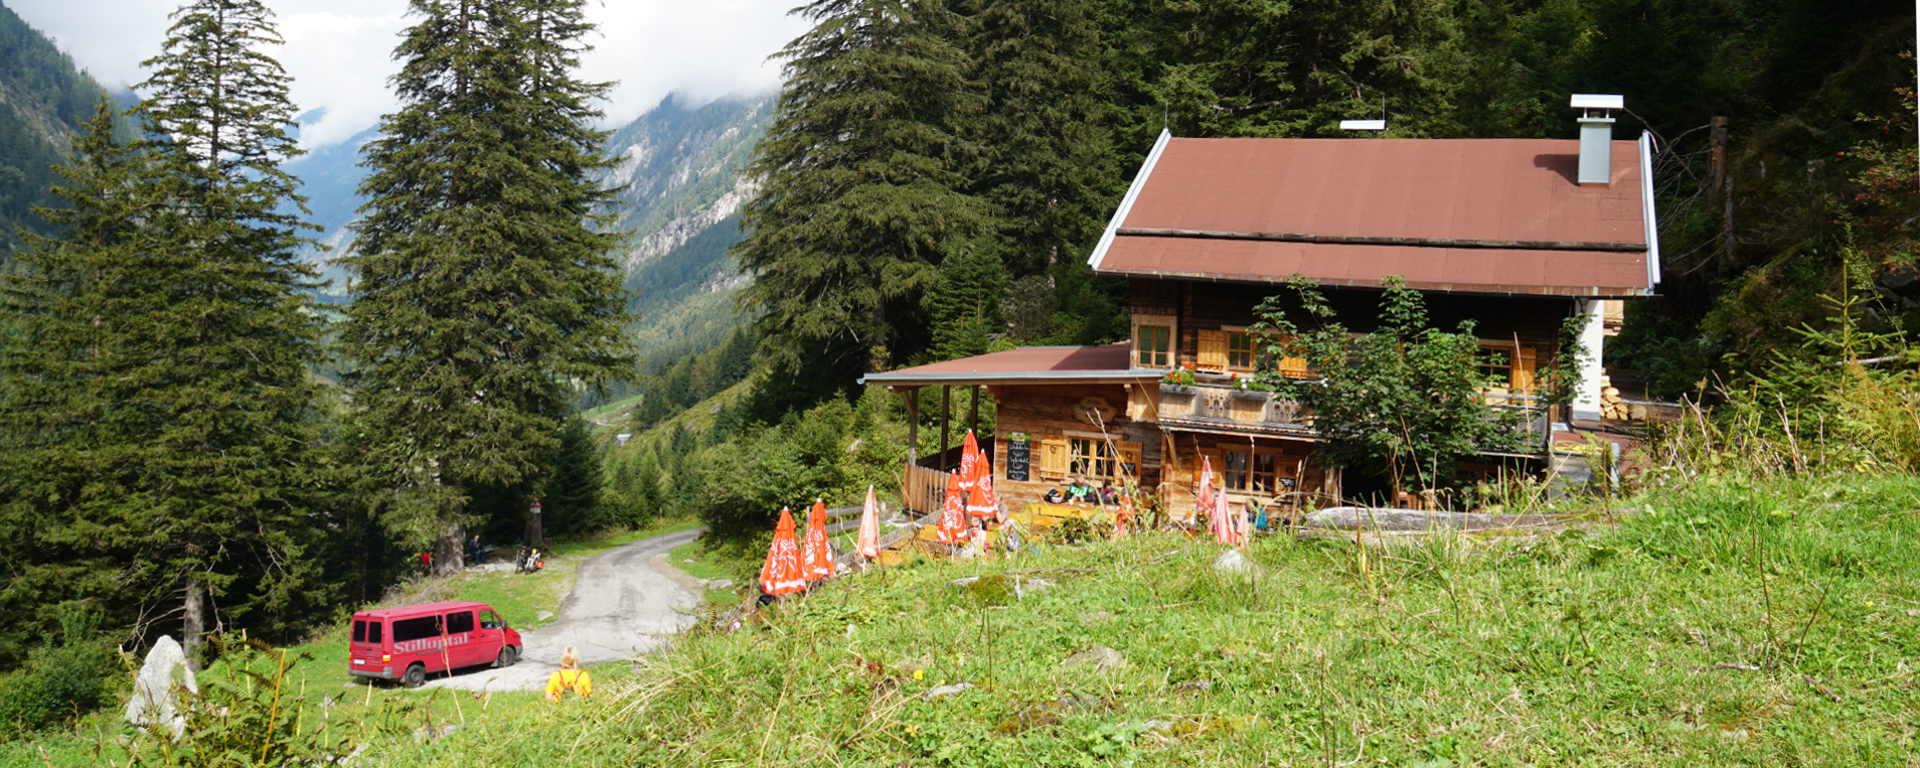 Grüne-Wand-Hütte Zillertal